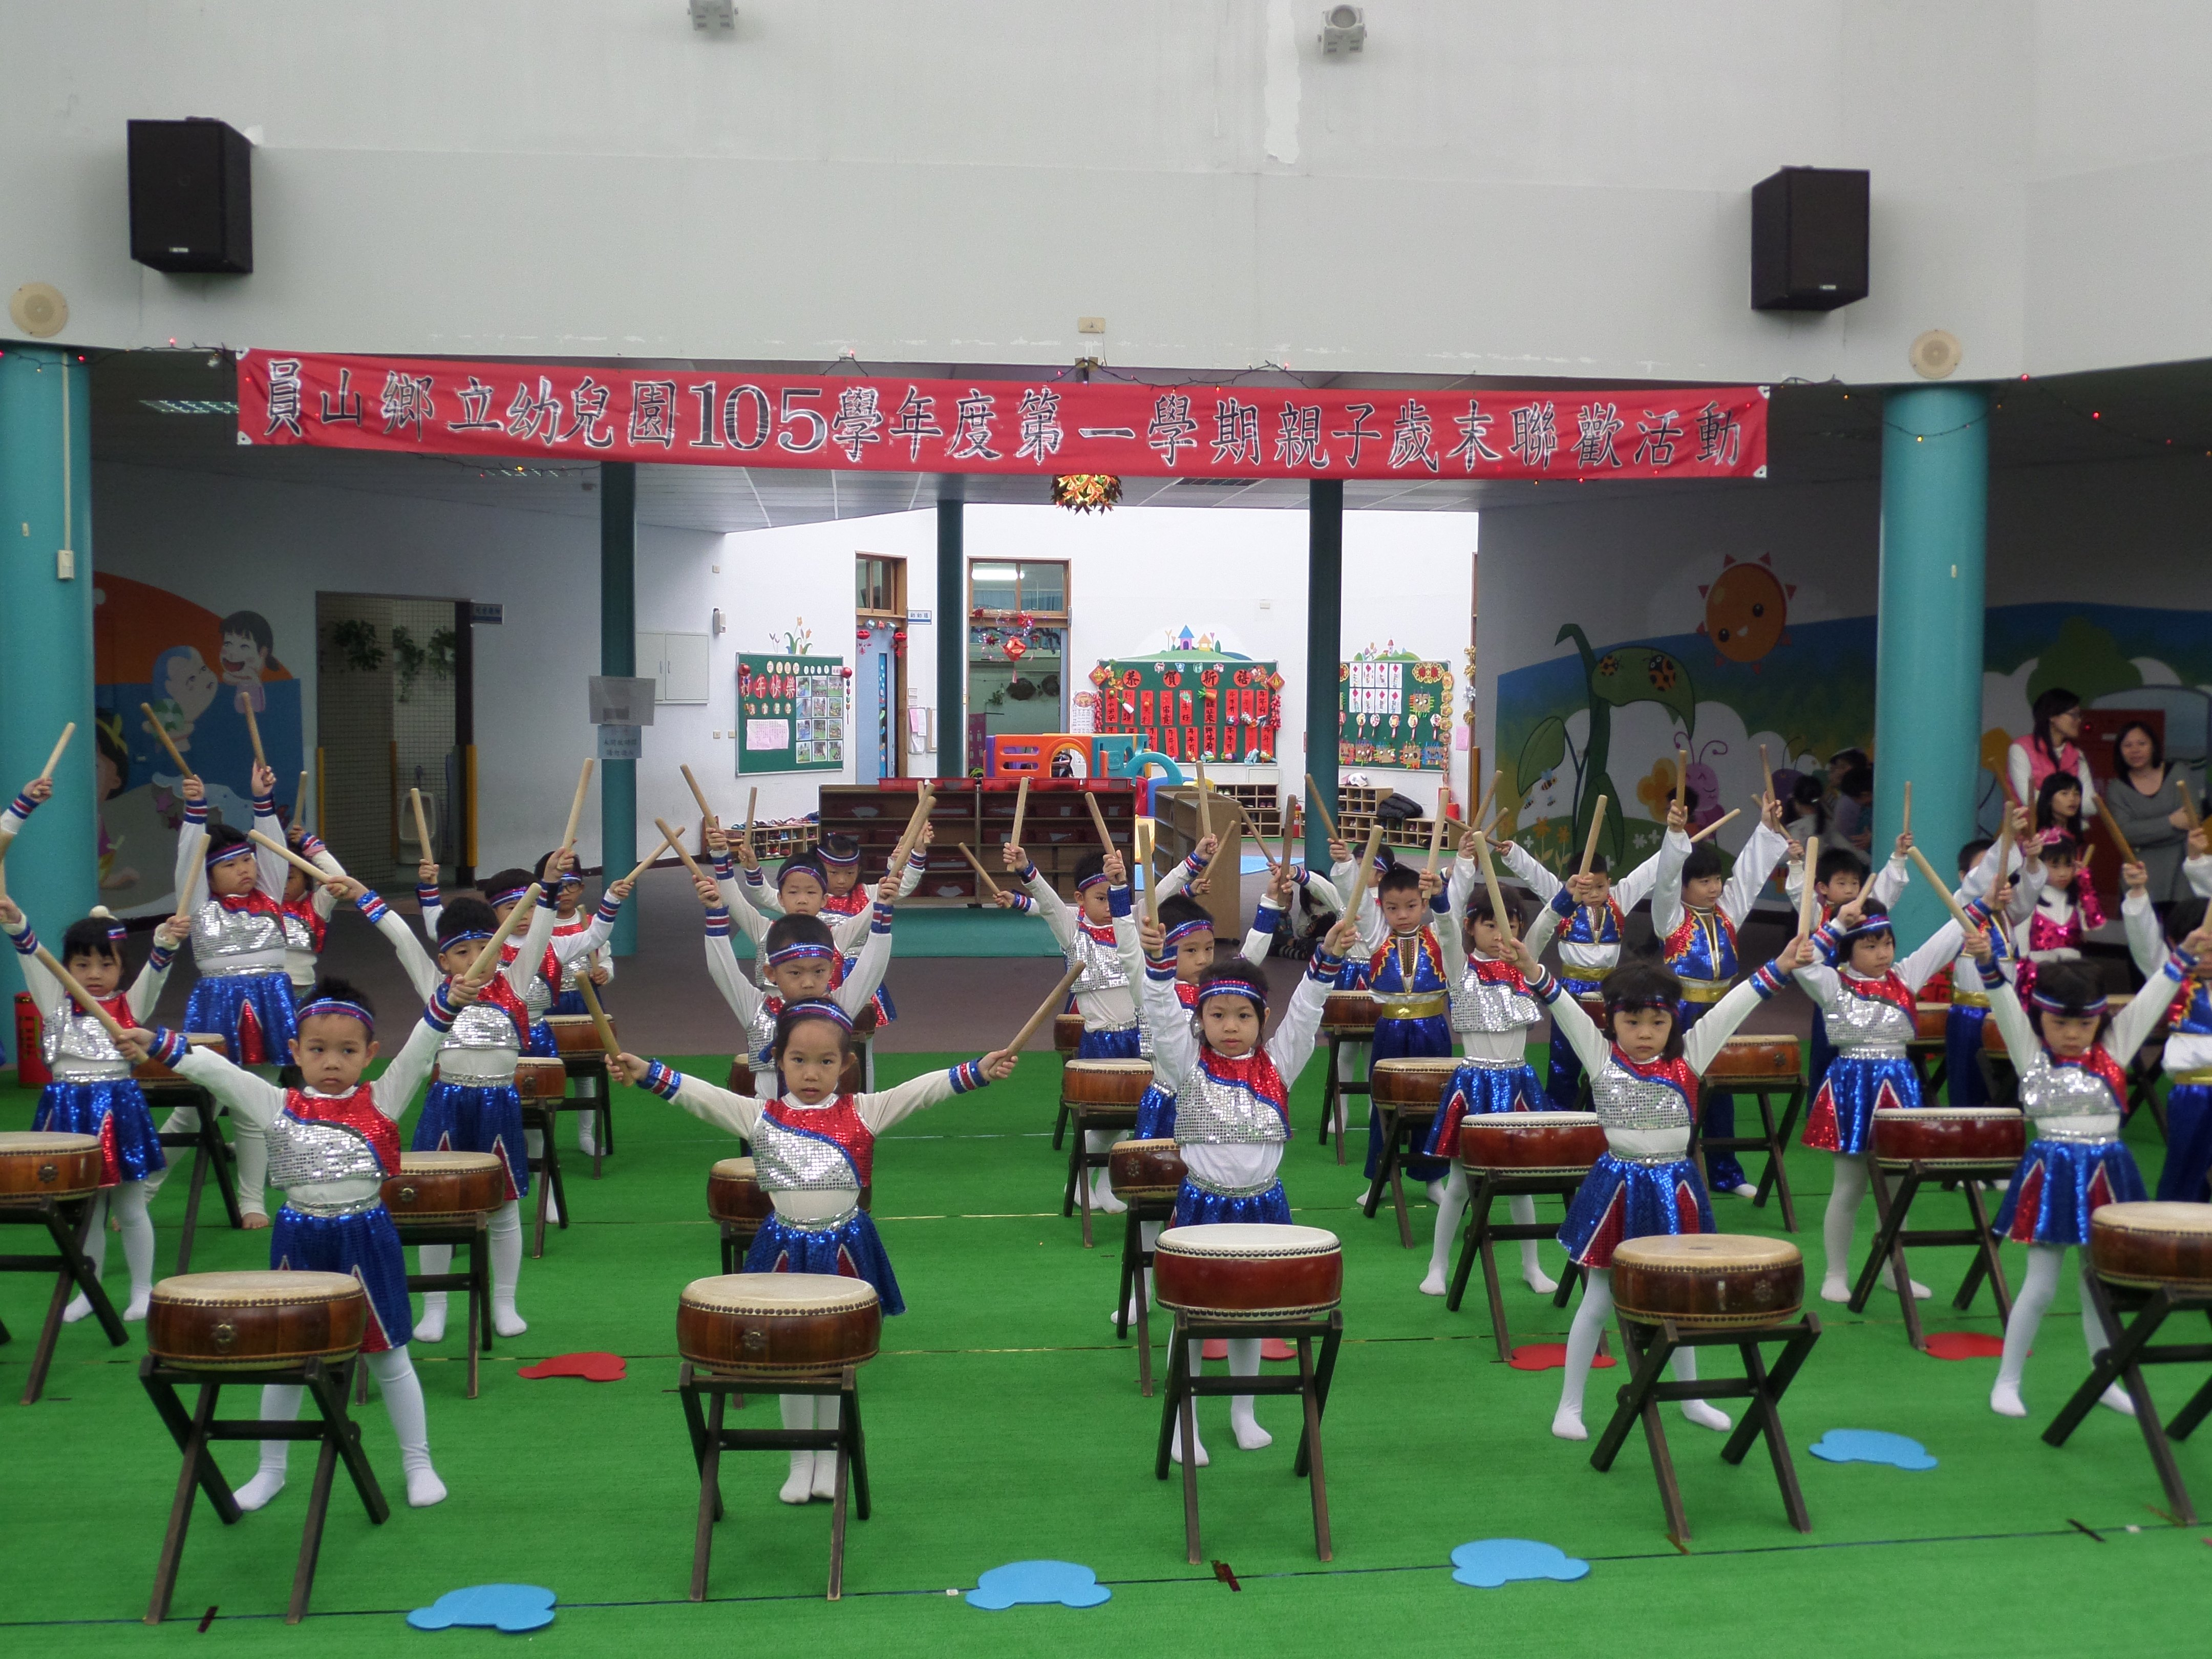 員山鄉立幼兒園105學年度第一學期親子歲末聯歡活動